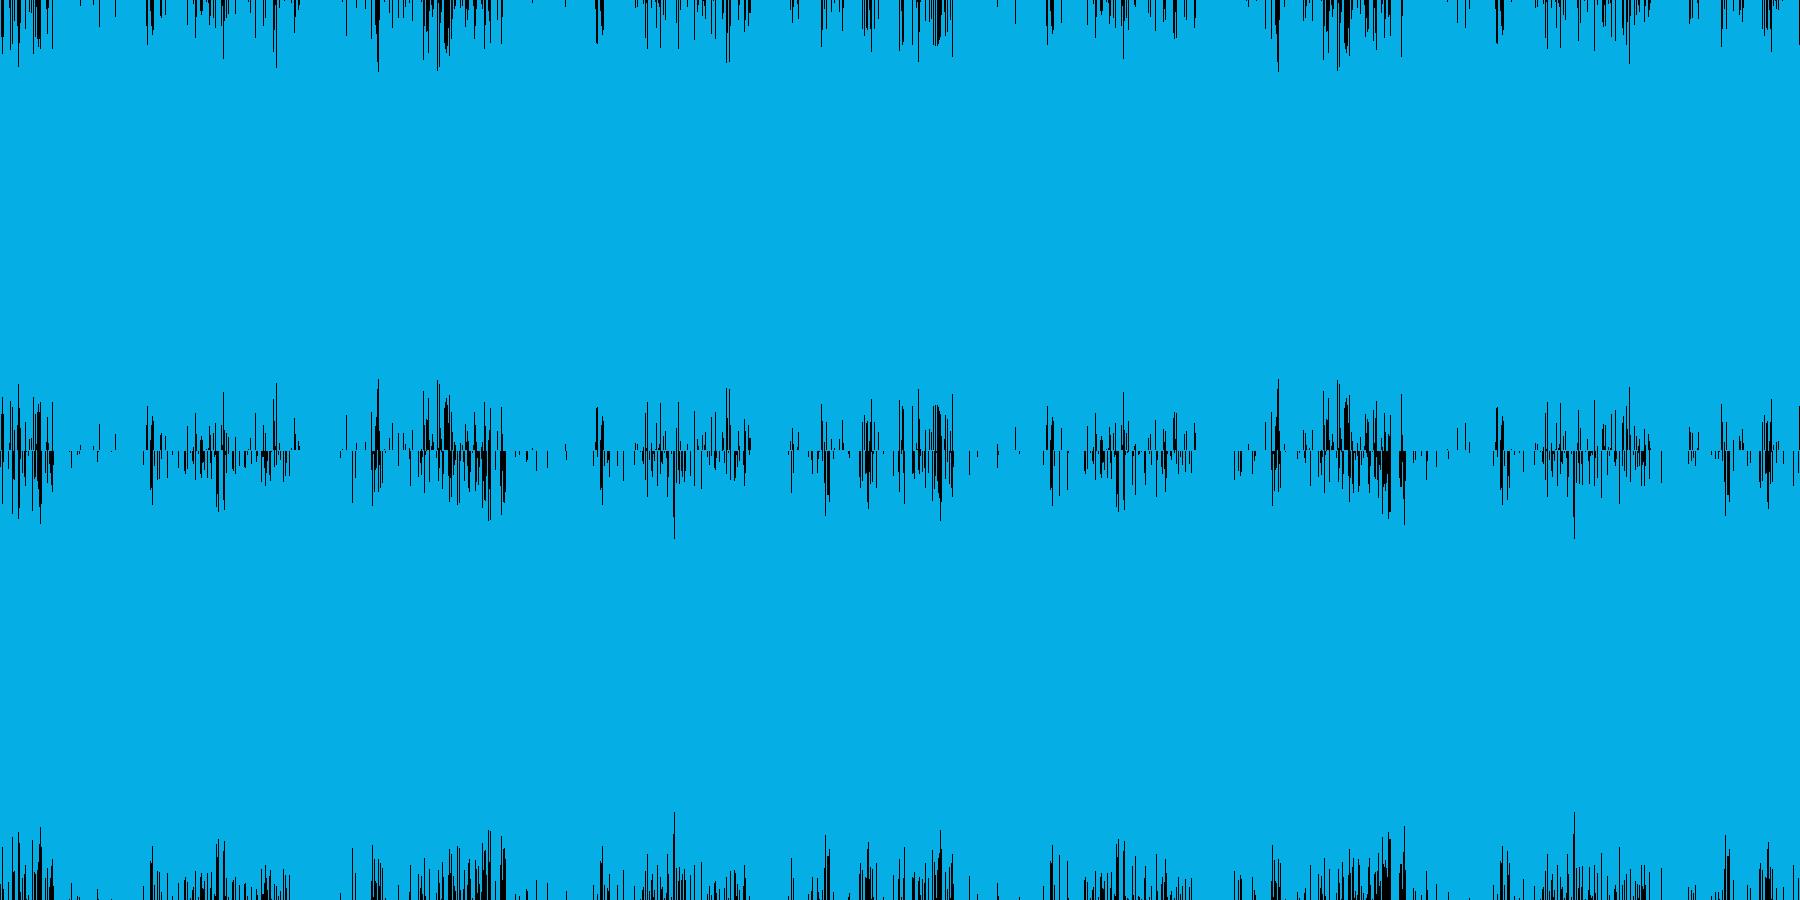 オーケストラ クワイヤー ループ の再生済みの波形